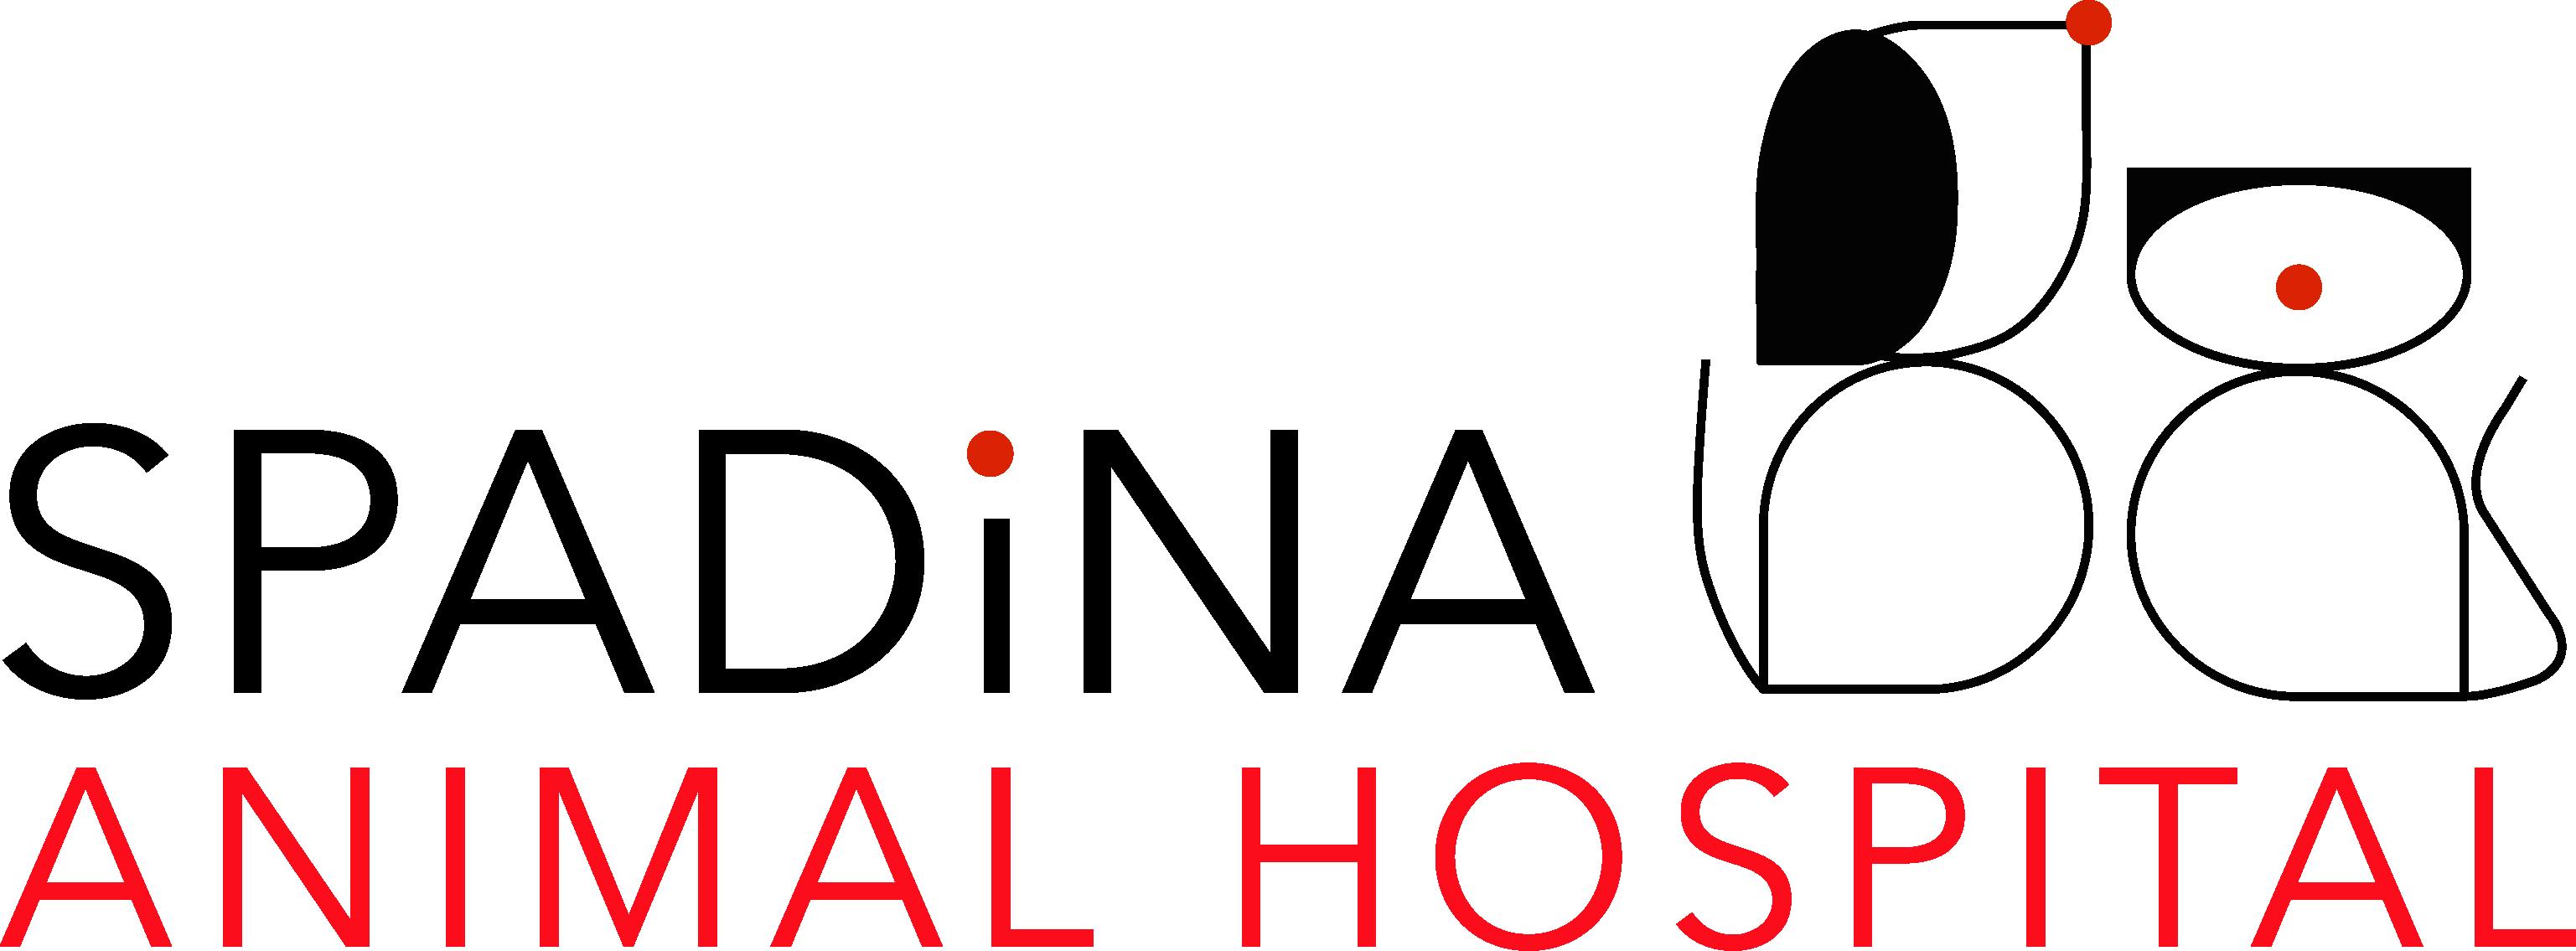 Spadina Animal Hospital